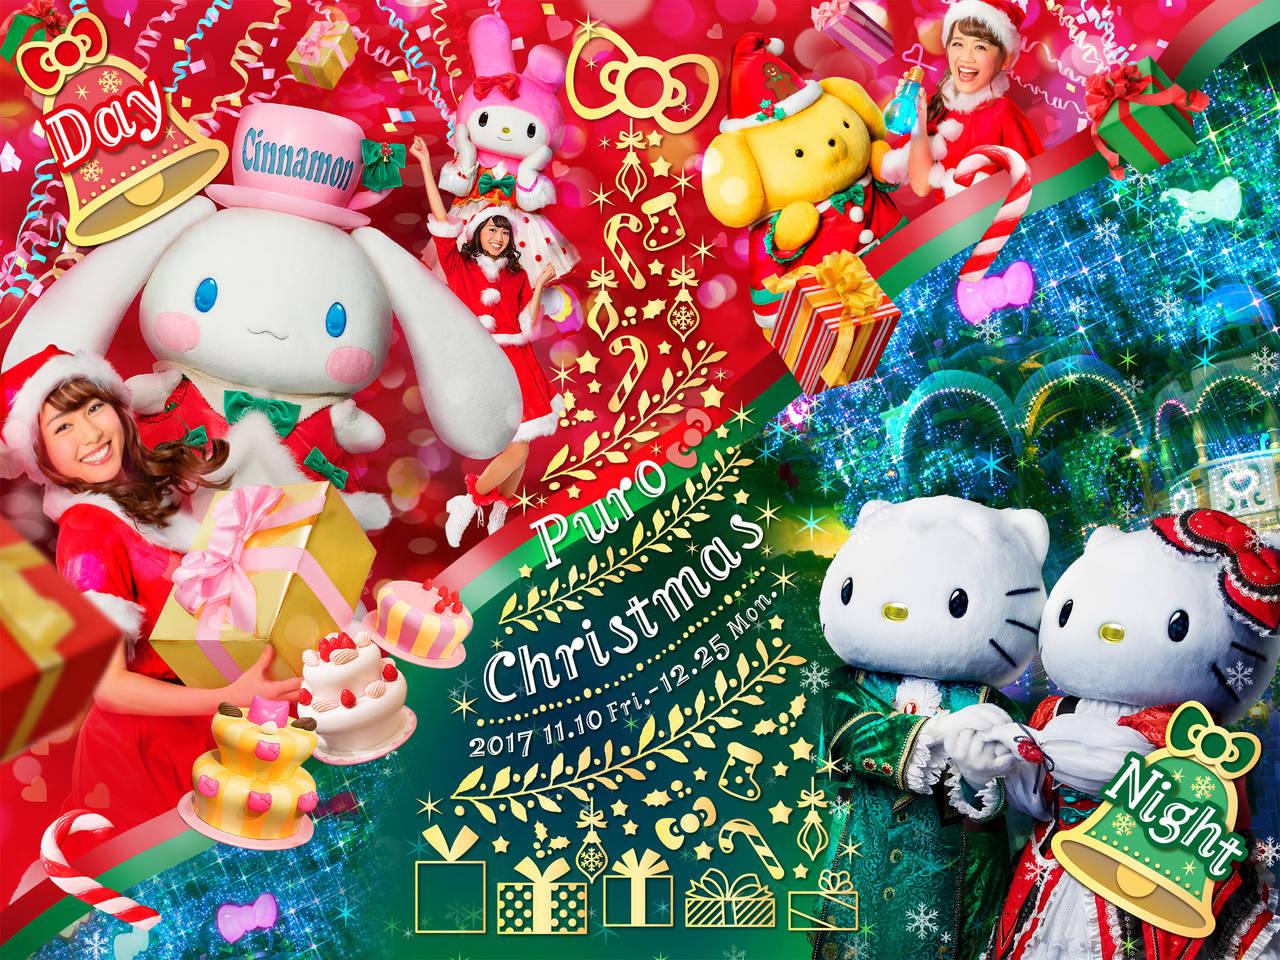 テーマは「昼はパーティ、夜はロマンティック」クリスマスソング×イルミ×ダンスが融合する初のクリスマスショーや青く輝くロマンティックなイルミネーション空間が楽しめる「ピューロクリスマス」開催決定!